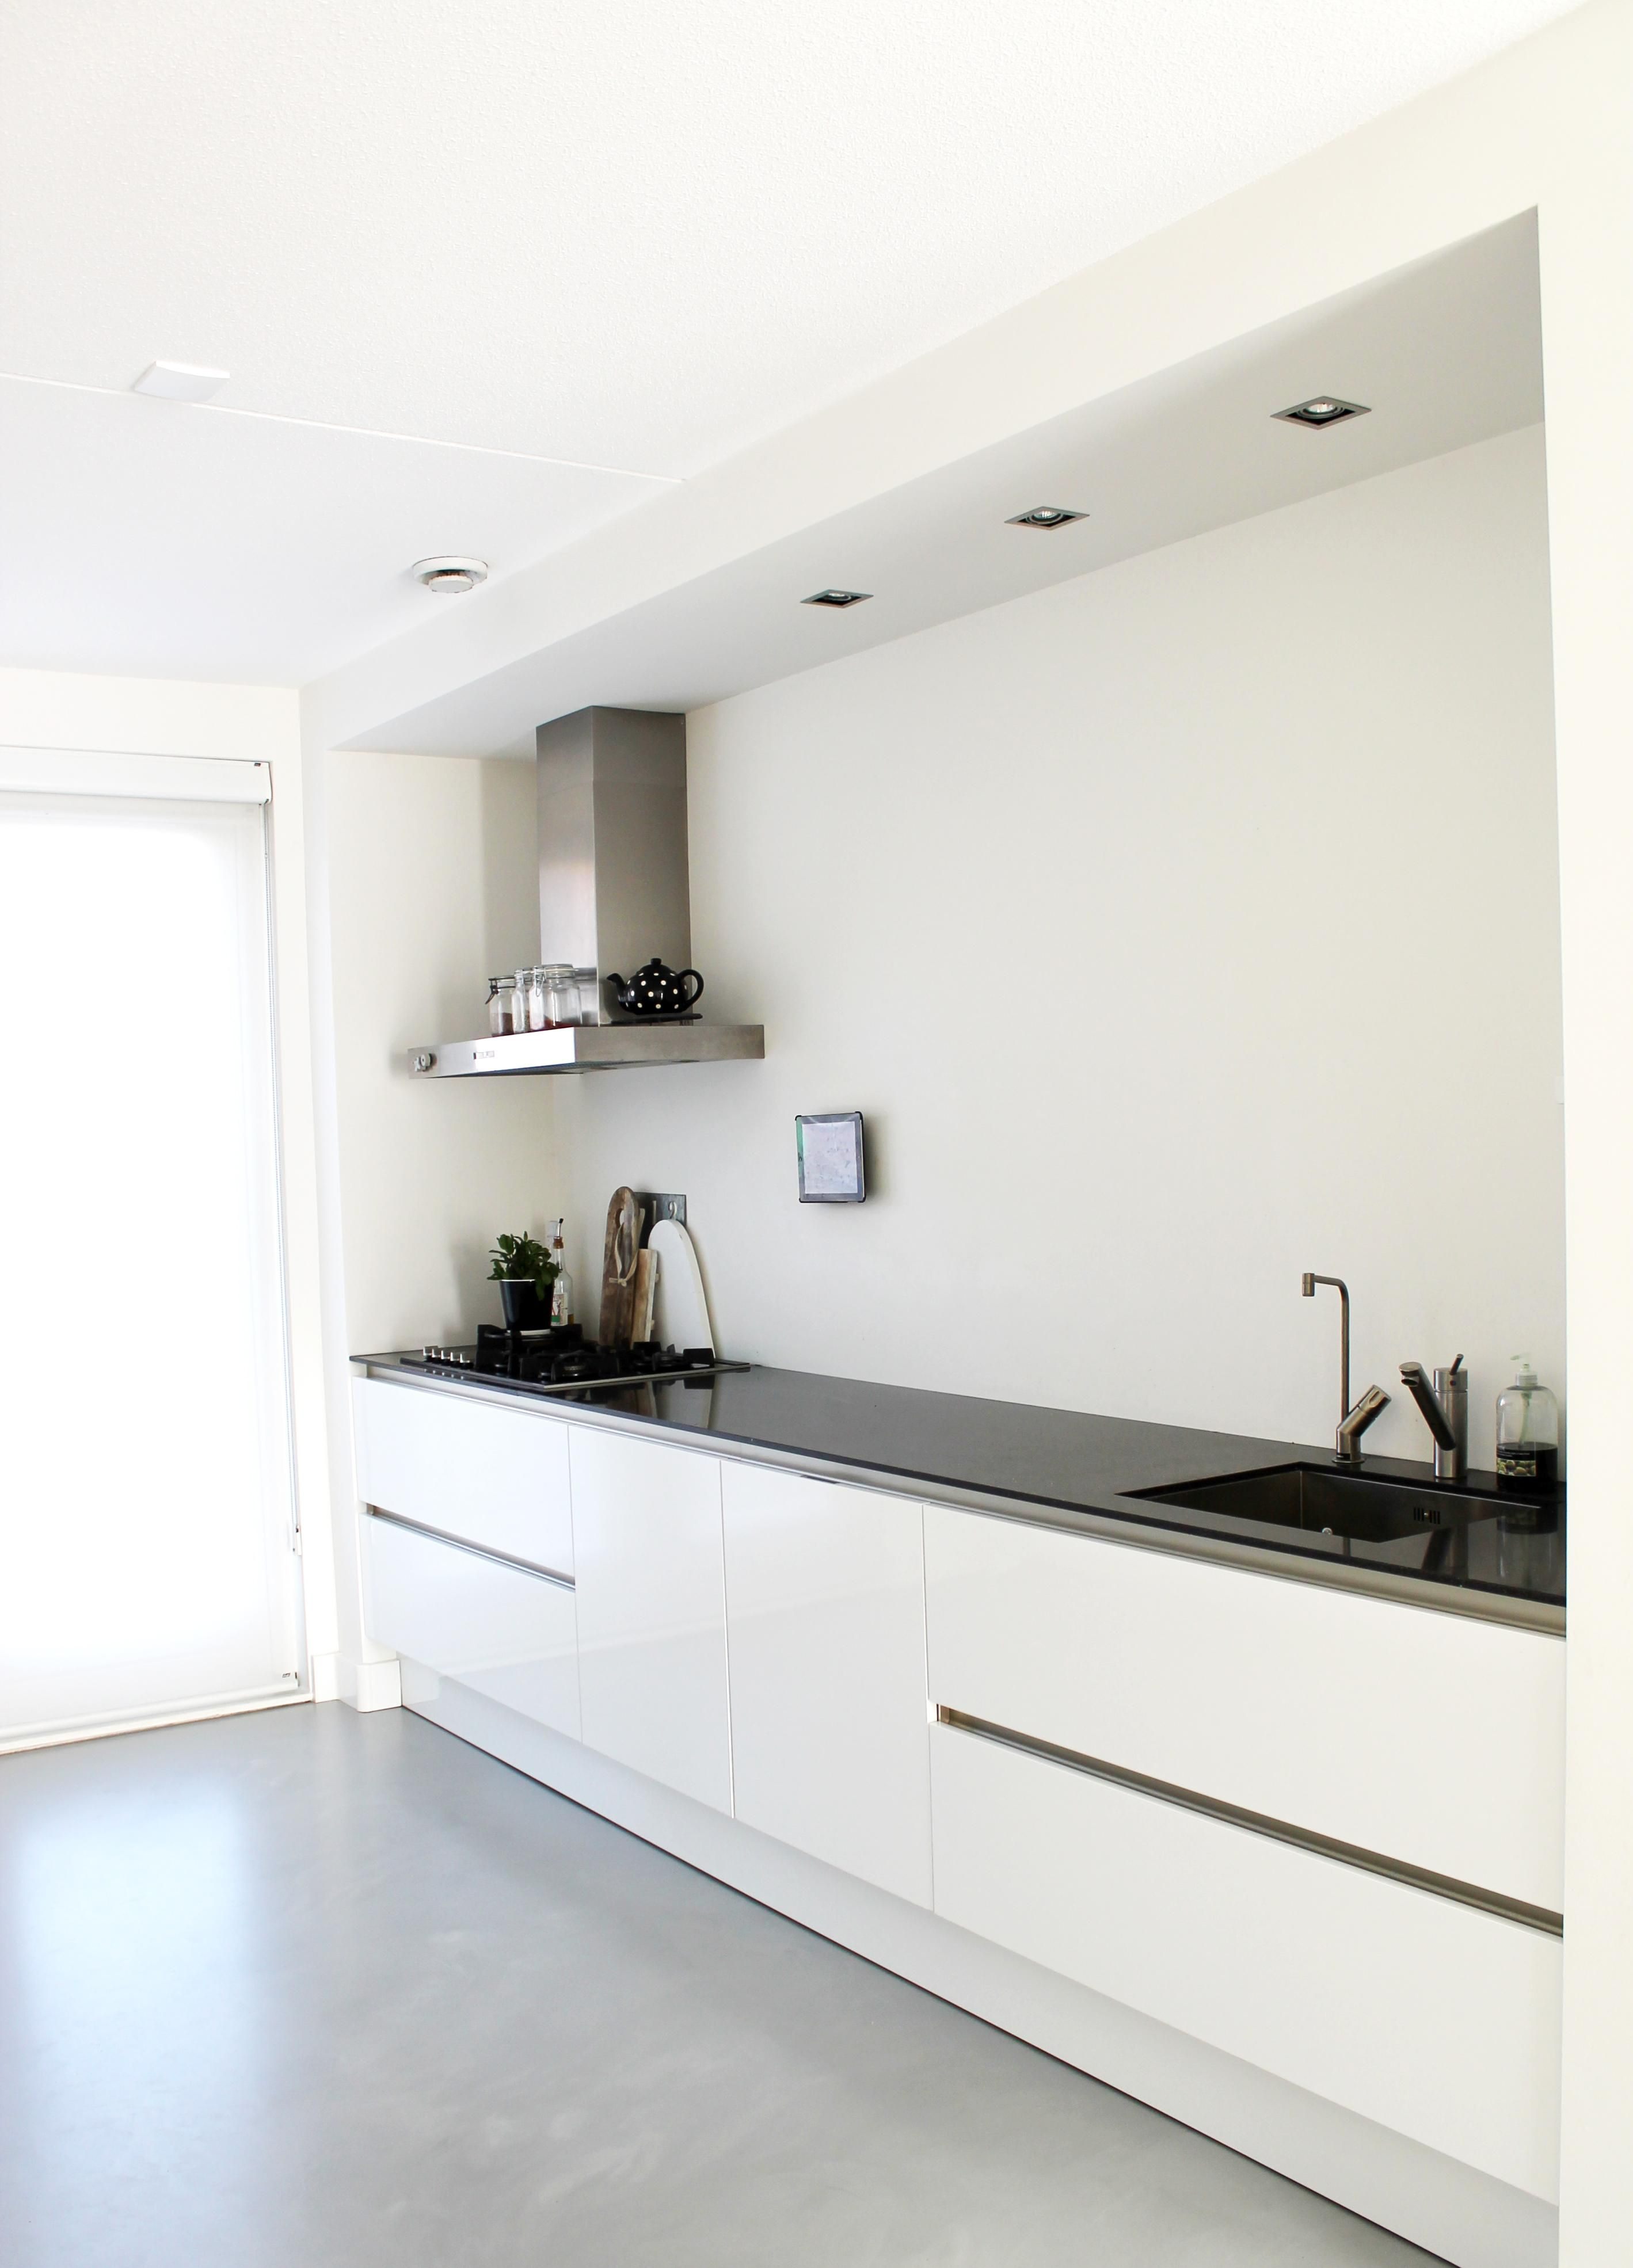 Die spotjes in het plafond bij keuken / gietvloer | New Home ...